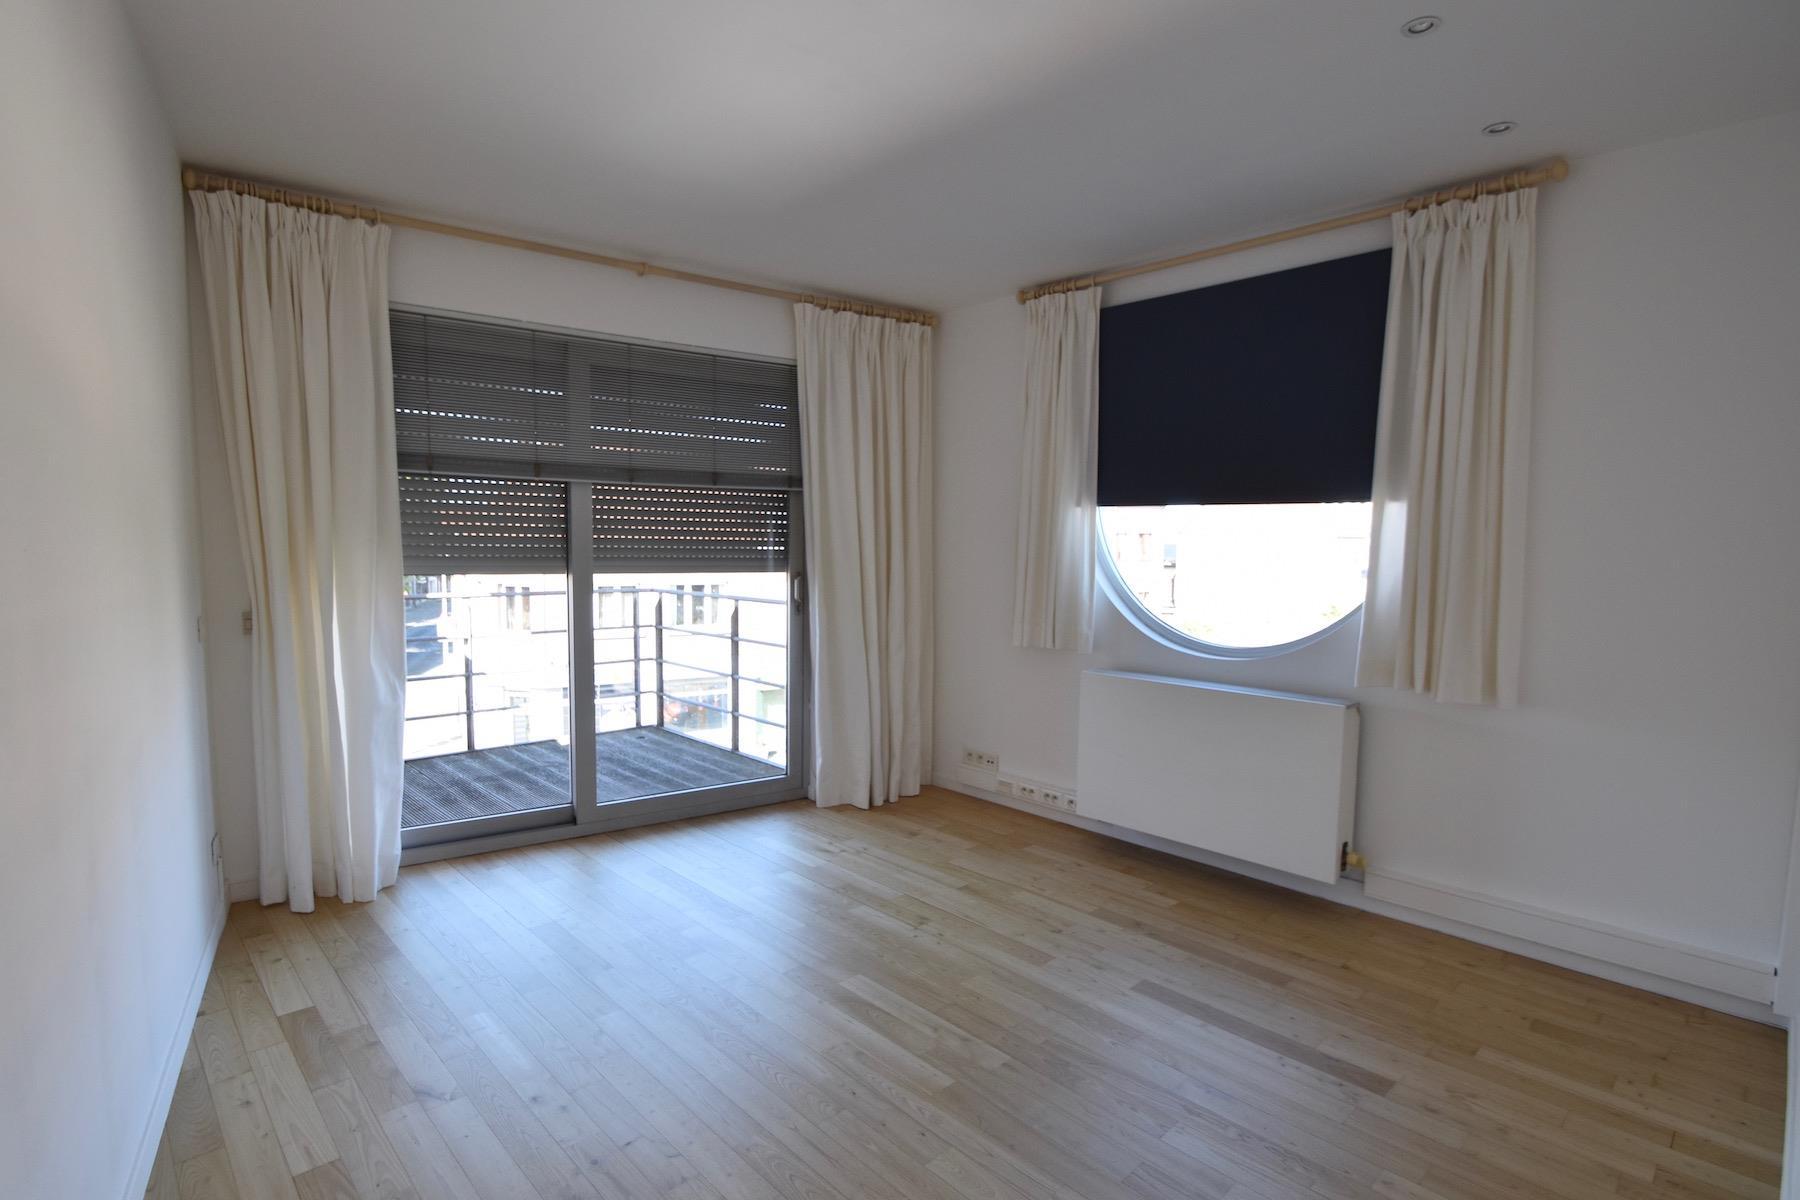 Makelaarskantoor De Meester, Appartement|Appartement te 2930 Brasschaat